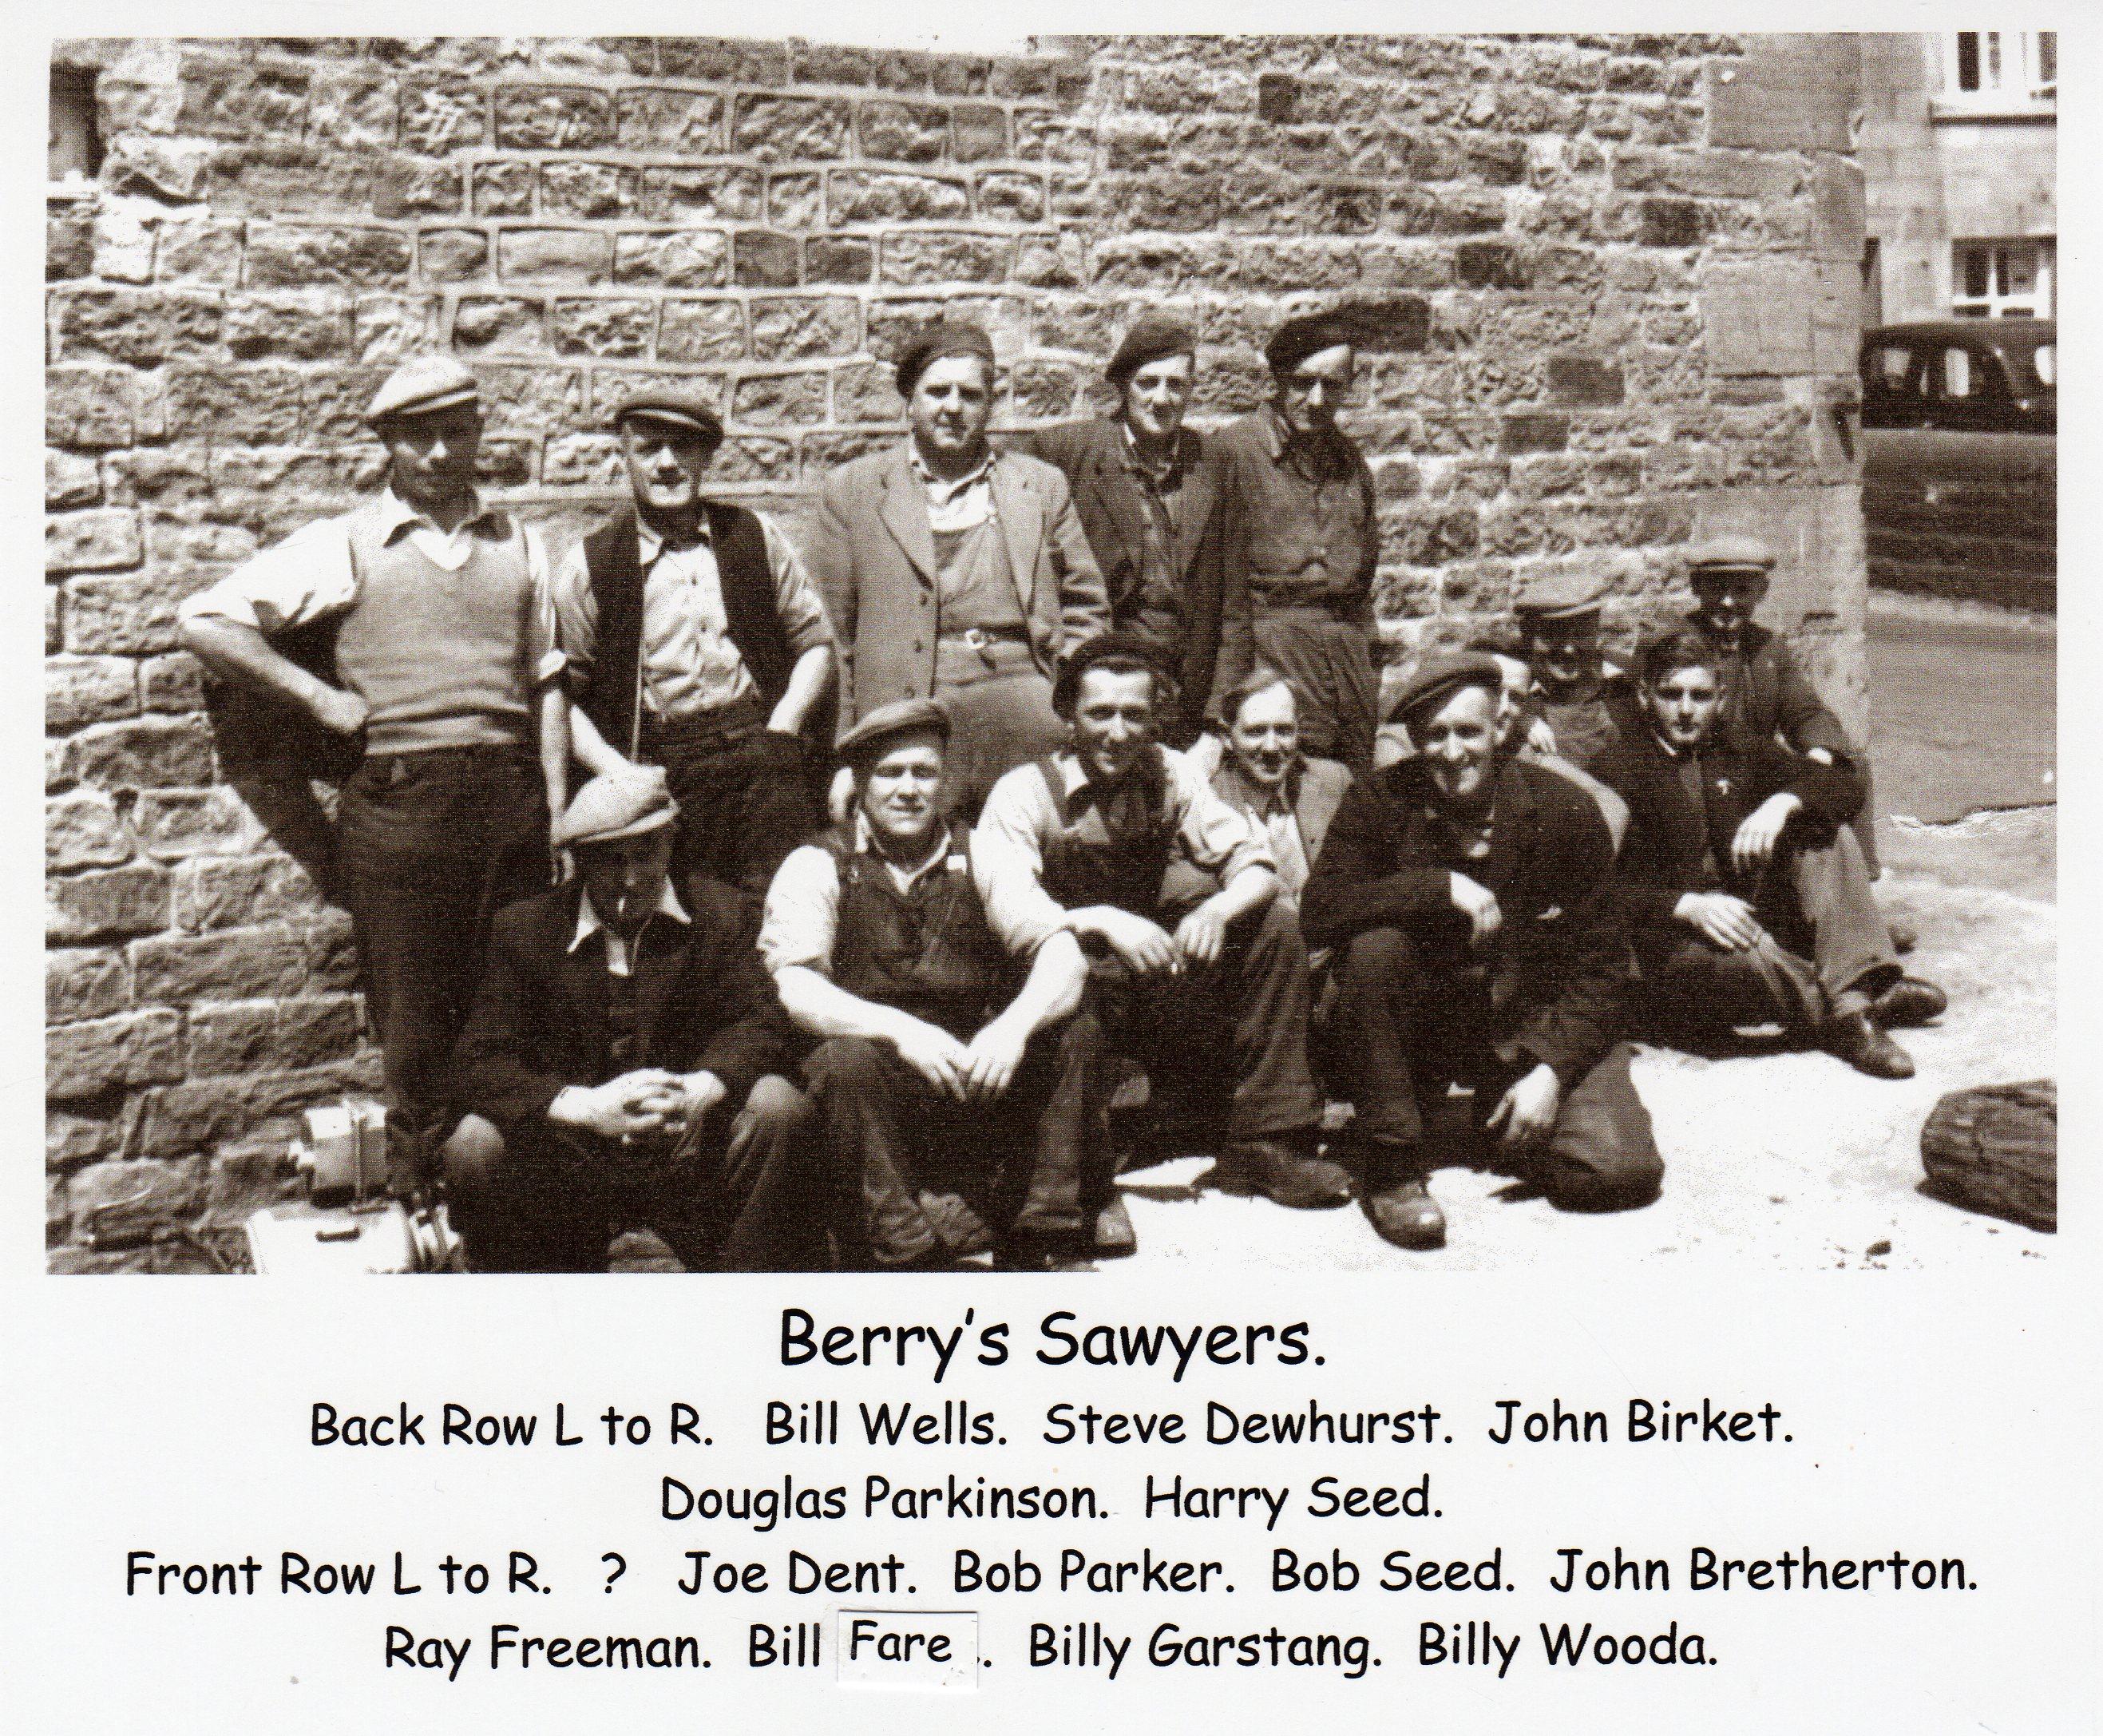 Berry's Sawyers, 1950s